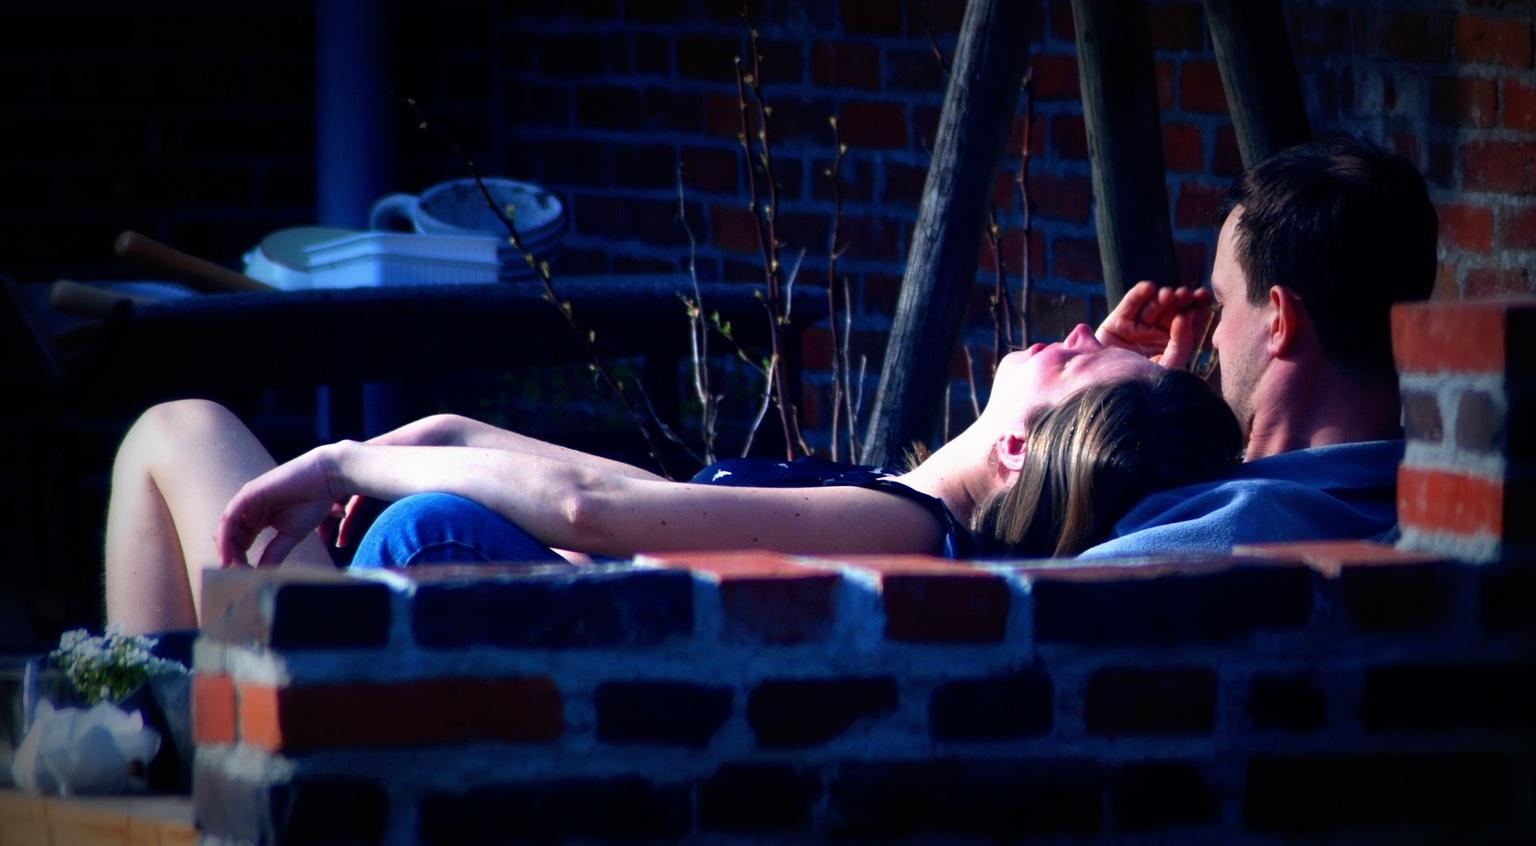 Ook 40 weken - Ze moest er even bij liggen, hij is haar steun. - foto door jan.pijper op 11-04-2021 - deze foto bevat: been, purper, flitsfotografie, vermaak, uitvoerende kunst, vrije tijd, elektrisch blauw, elleboog, menselijk been, evenement